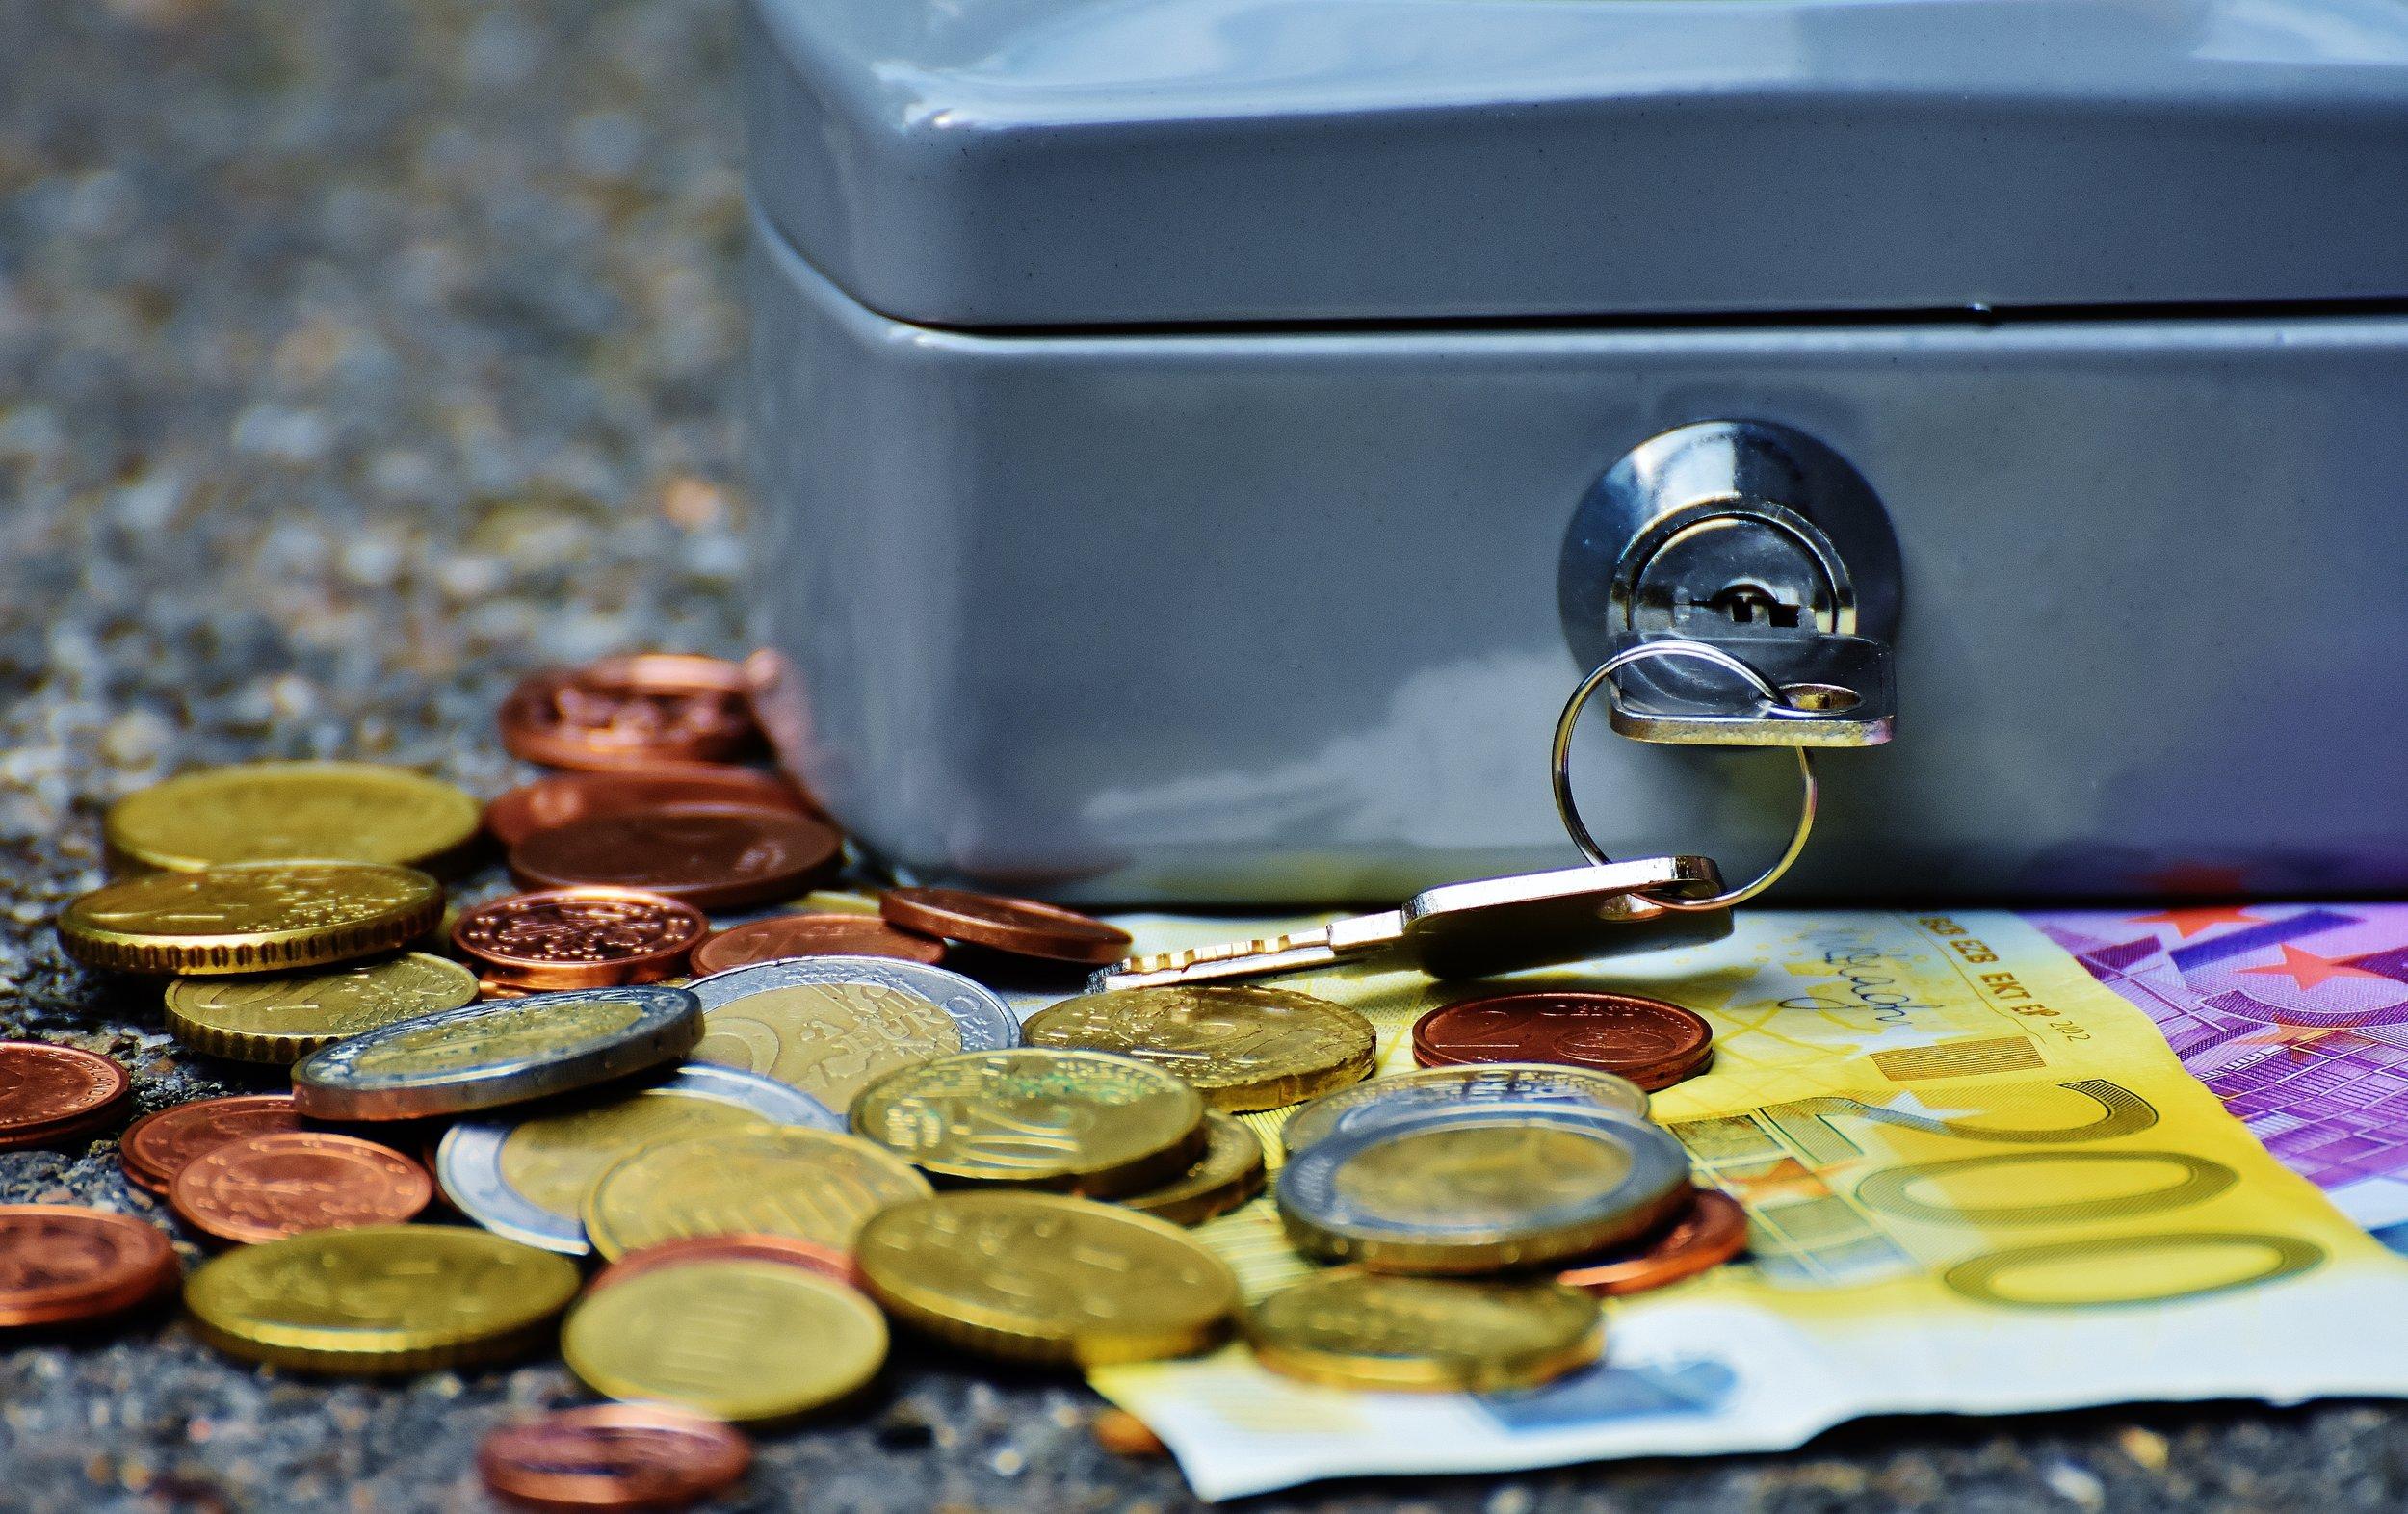 bank-banknotes-bills-210705.jpg